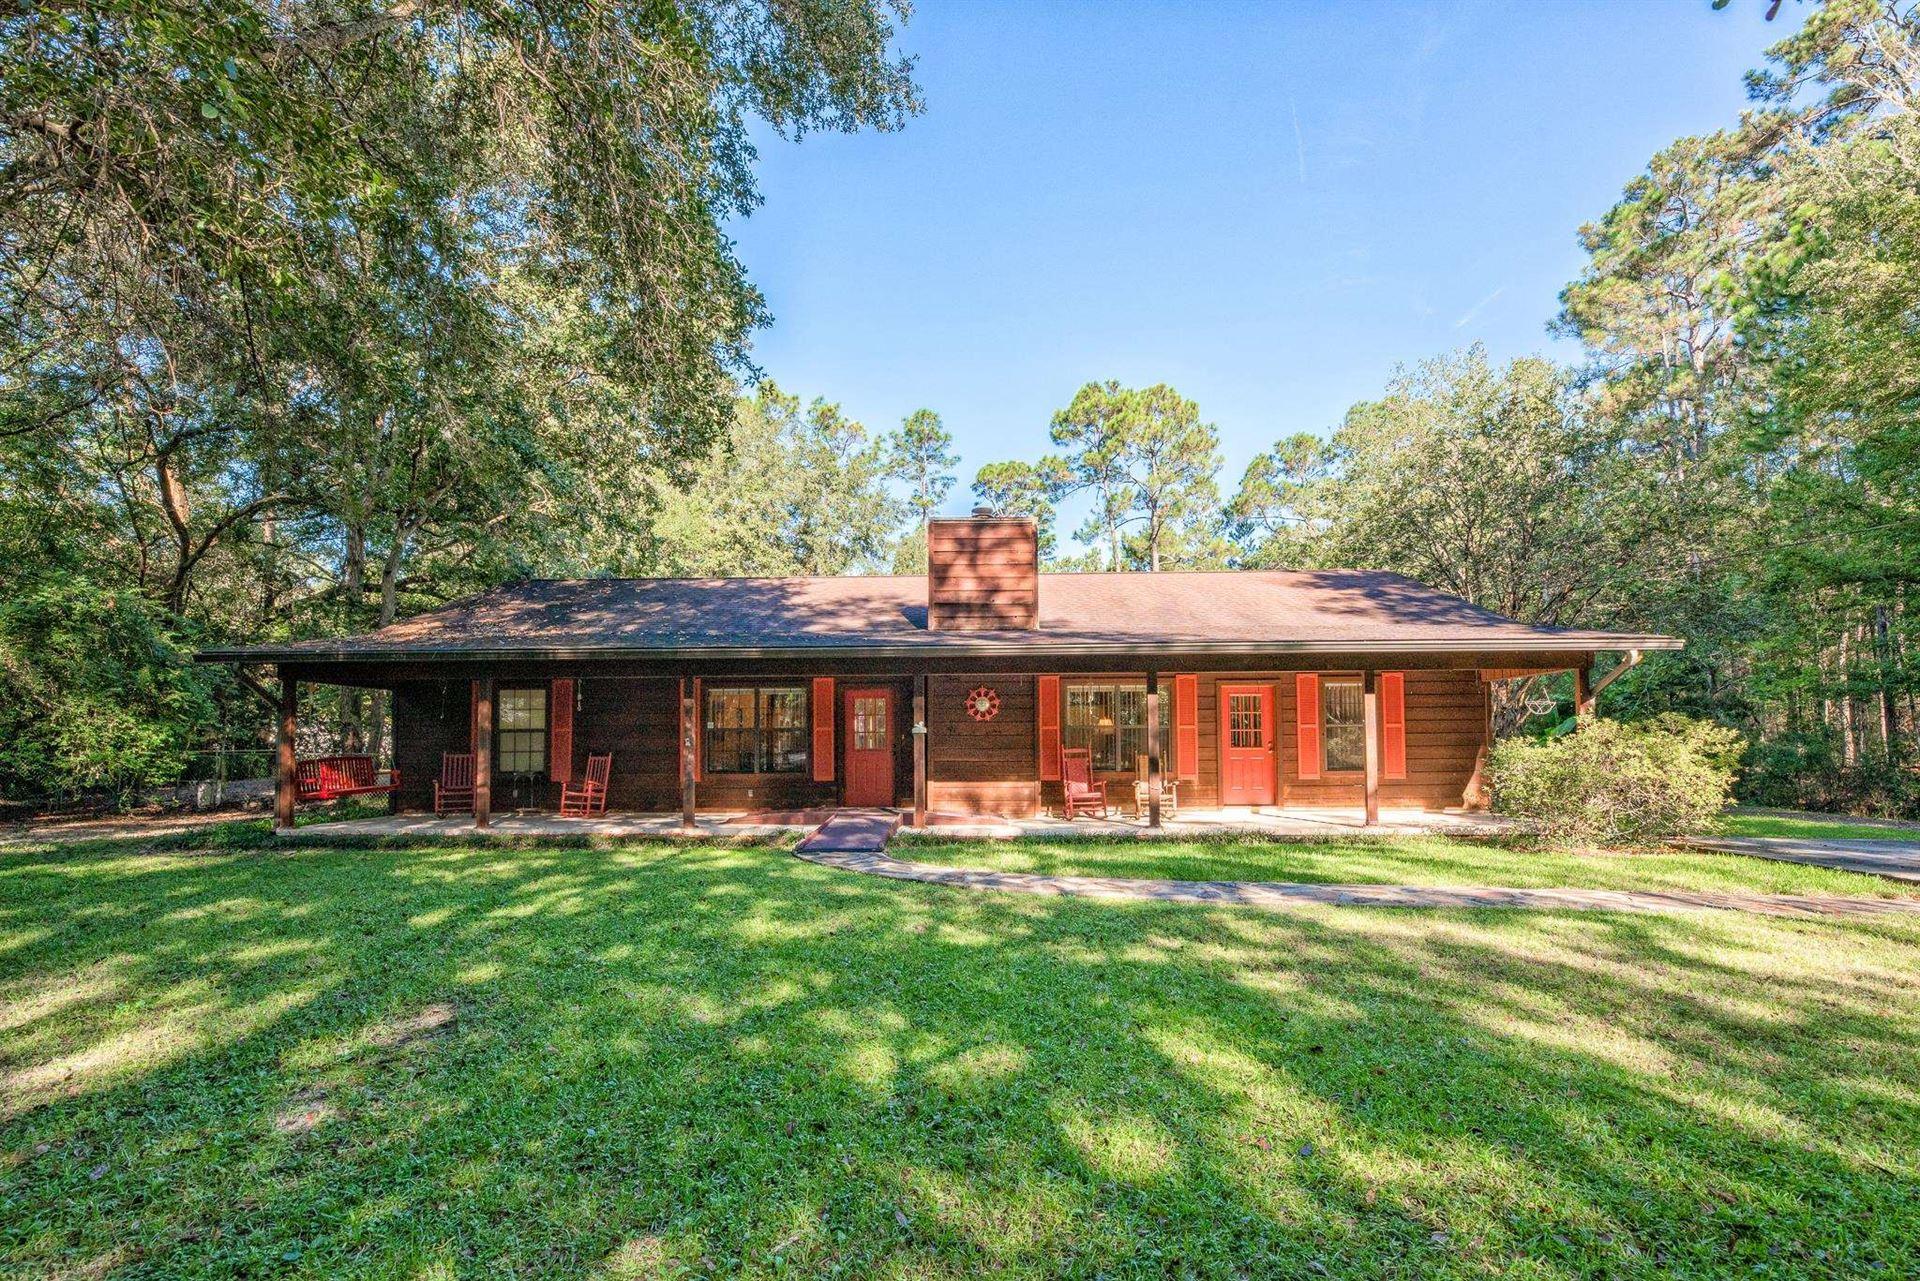 Photo of 4146 Riverwood Road, TALLAHASSEE, FL 32303 (MLS # 337531)